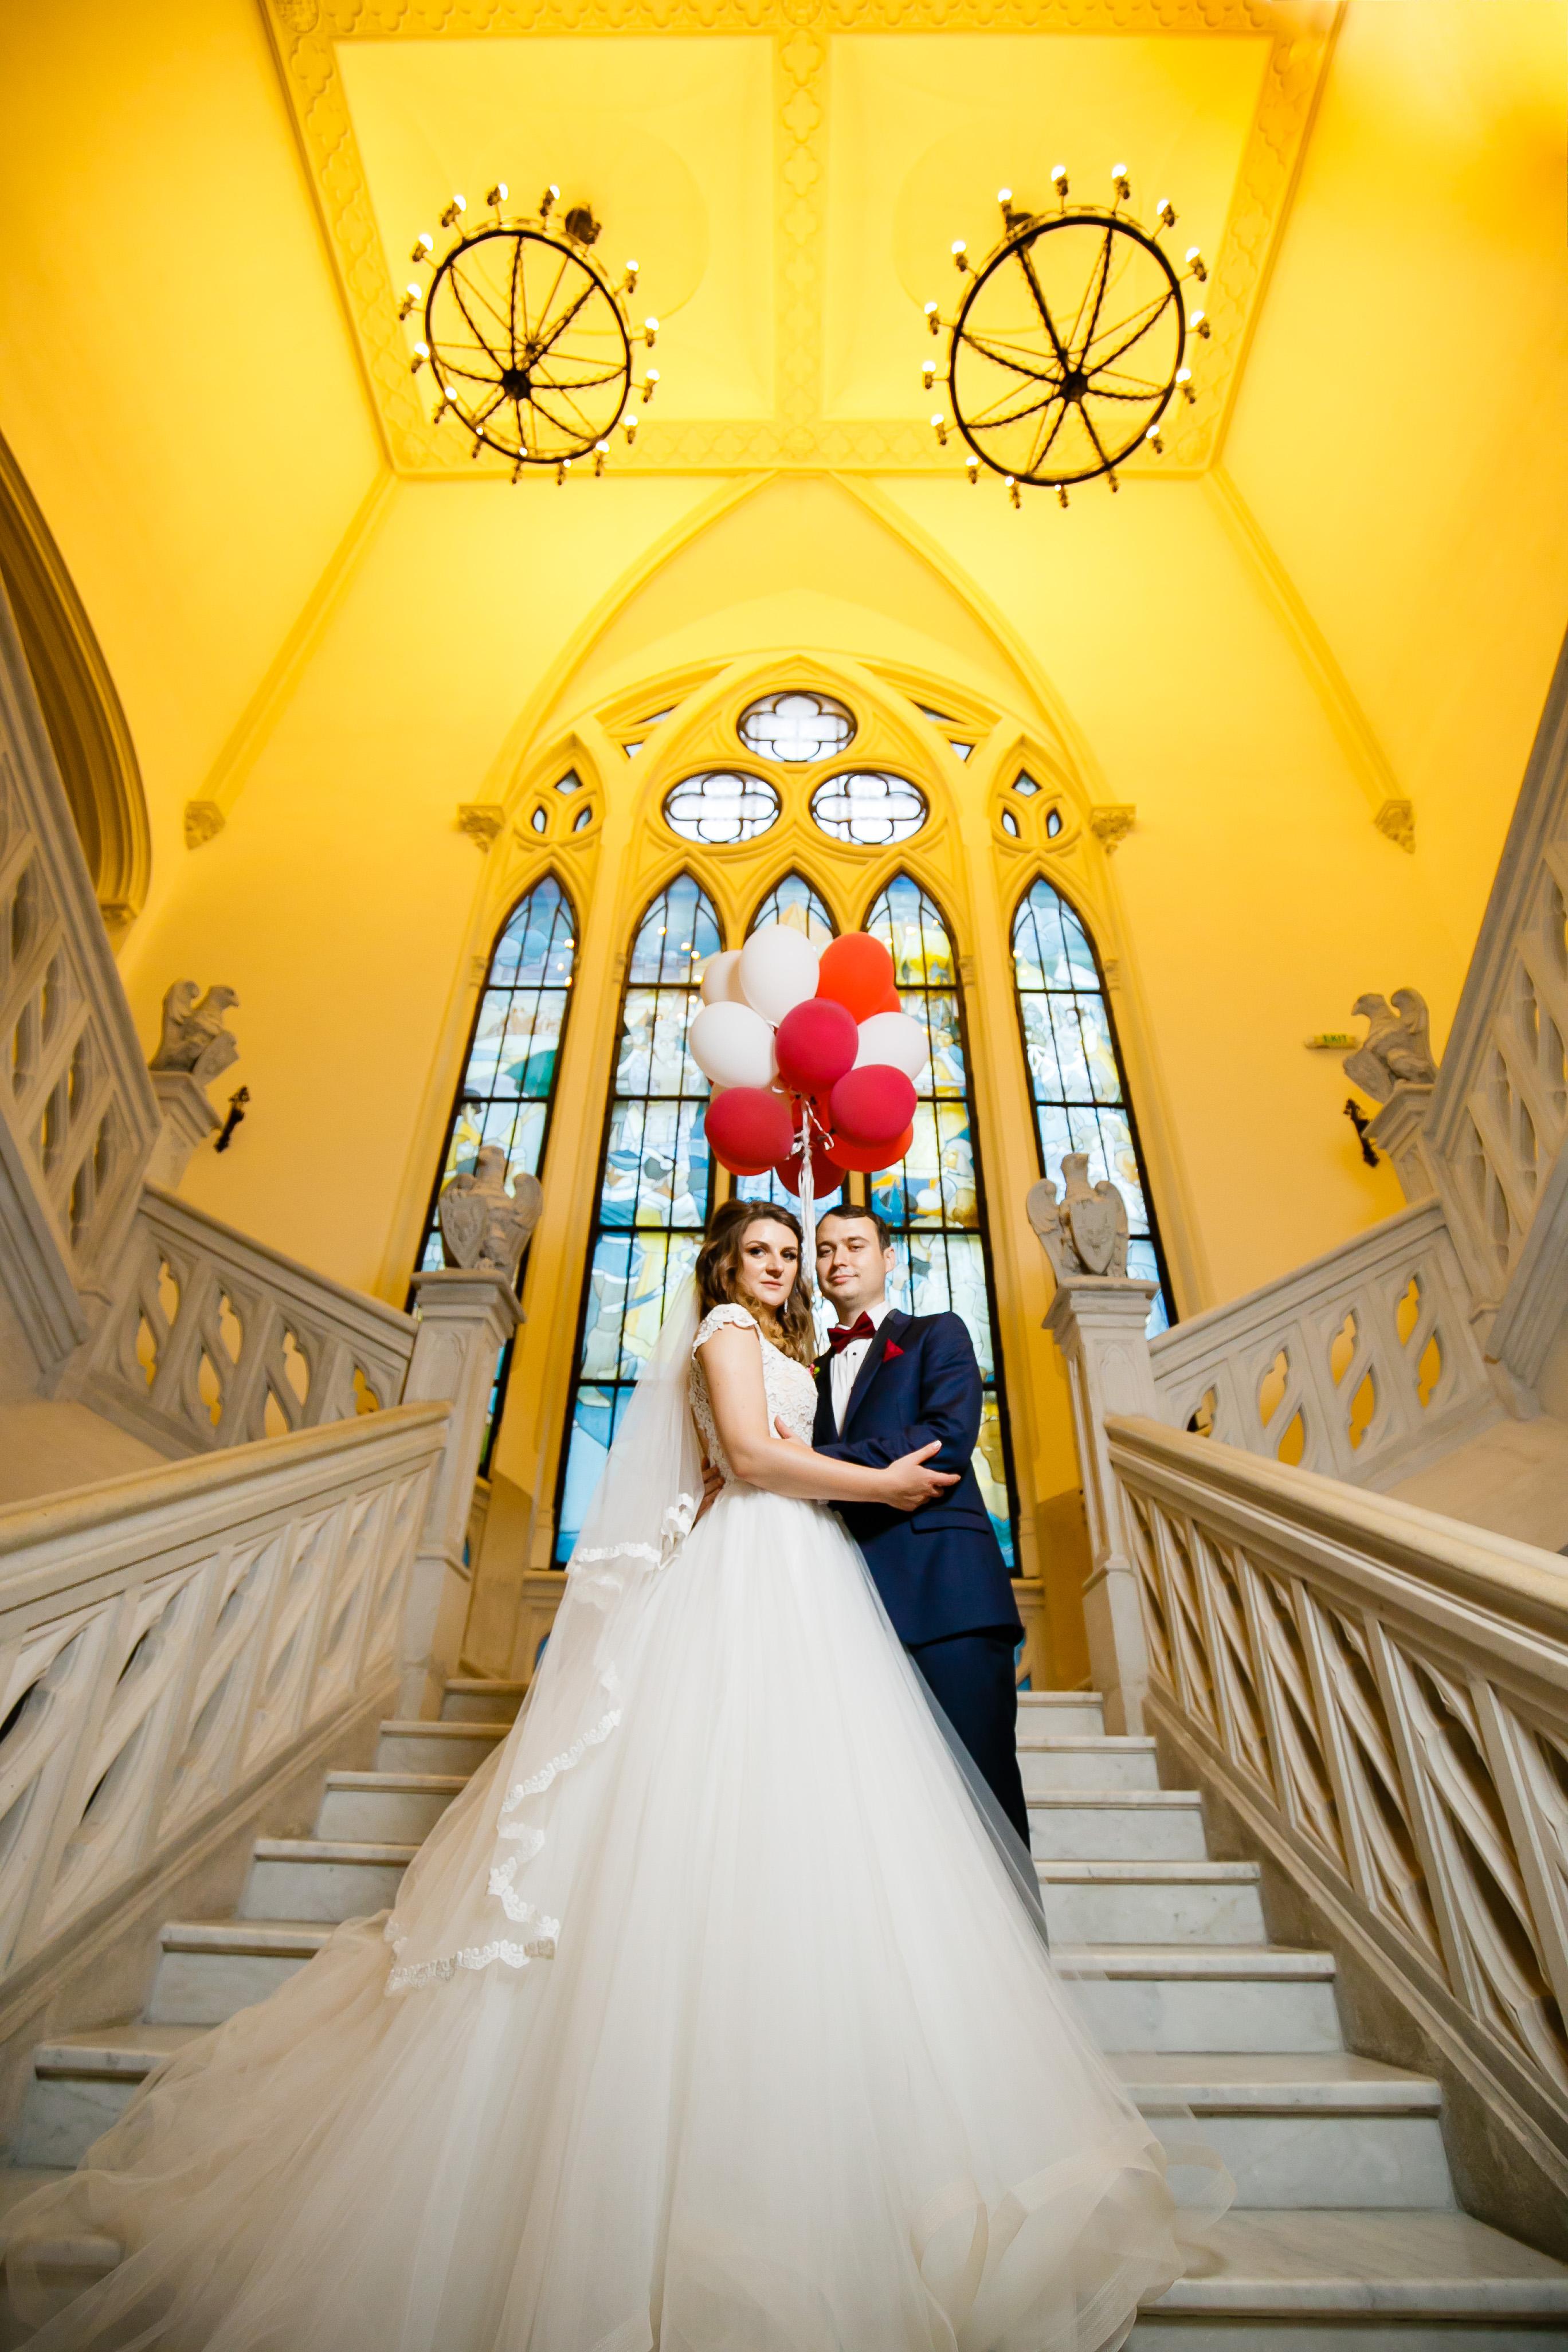 Alexandra si Vlad sedinta foto nunta Palatul Culturii Iasi baloane - fotograf profesionist de nunta iasi www.paulpadurariu.ro © 2017 Paul Padurariu